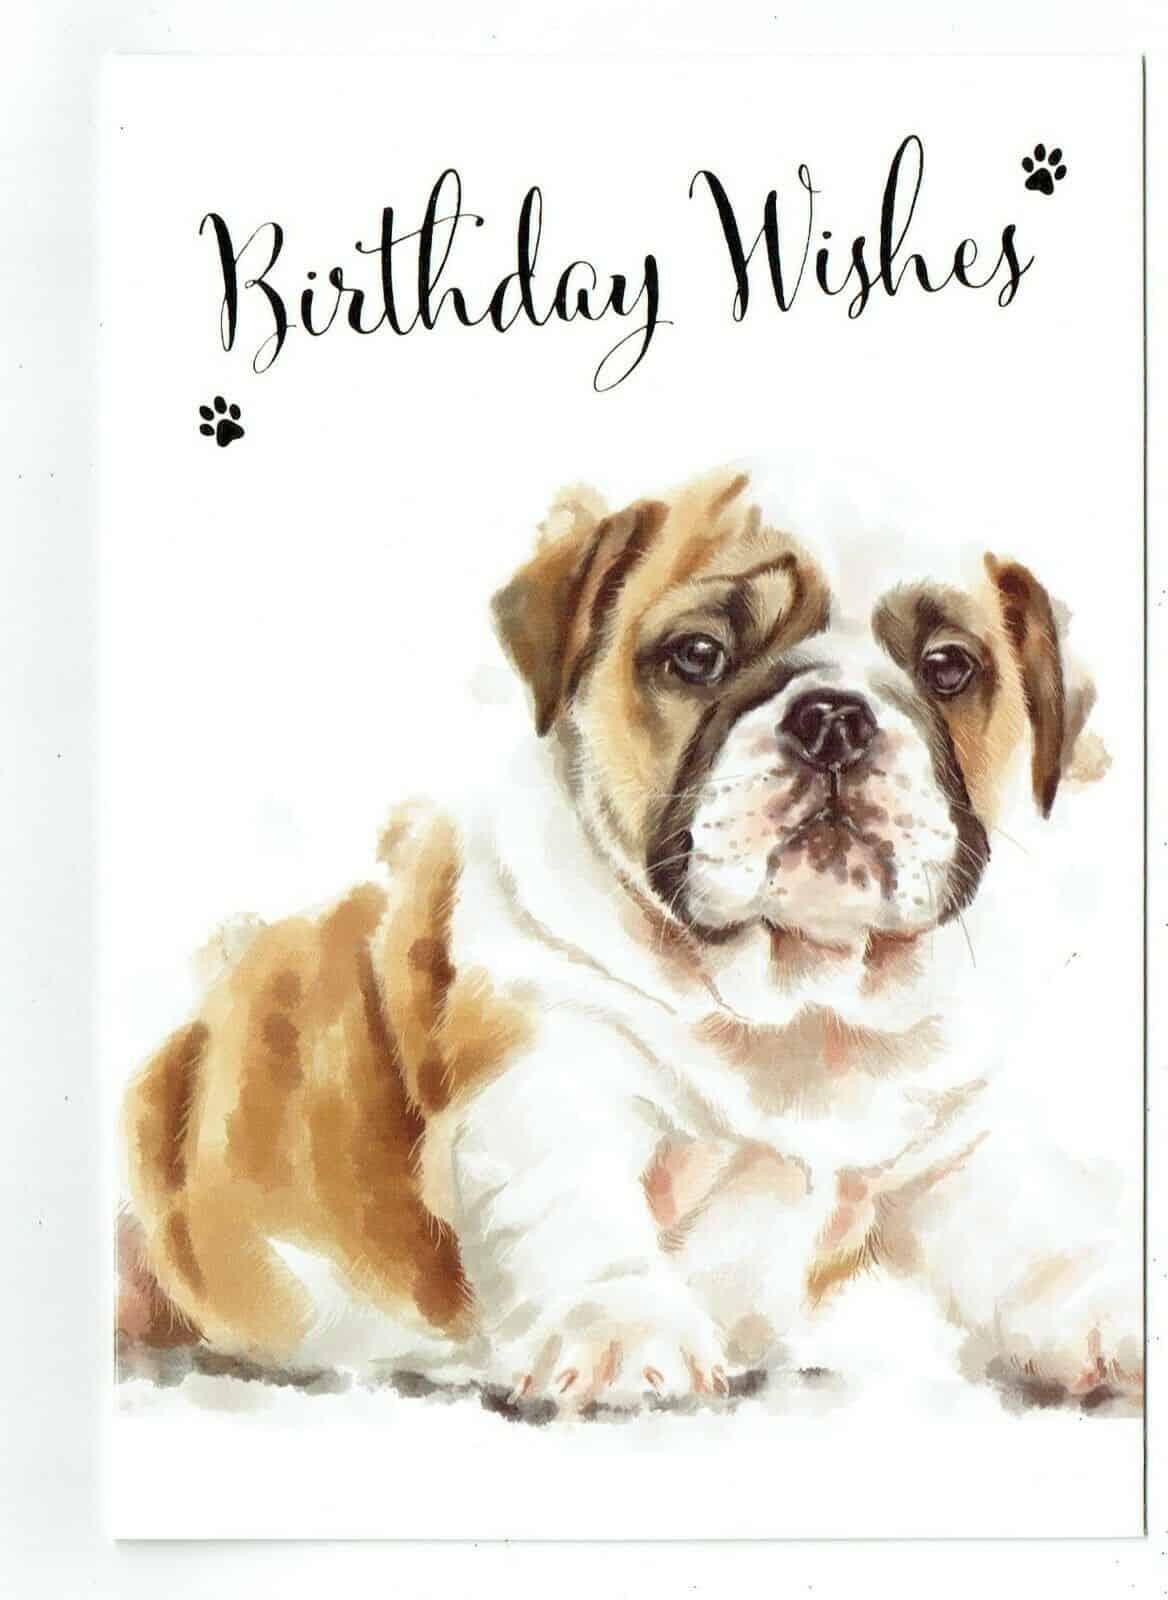 General Birthday Card With Cute Dog Design BIRTHDAY